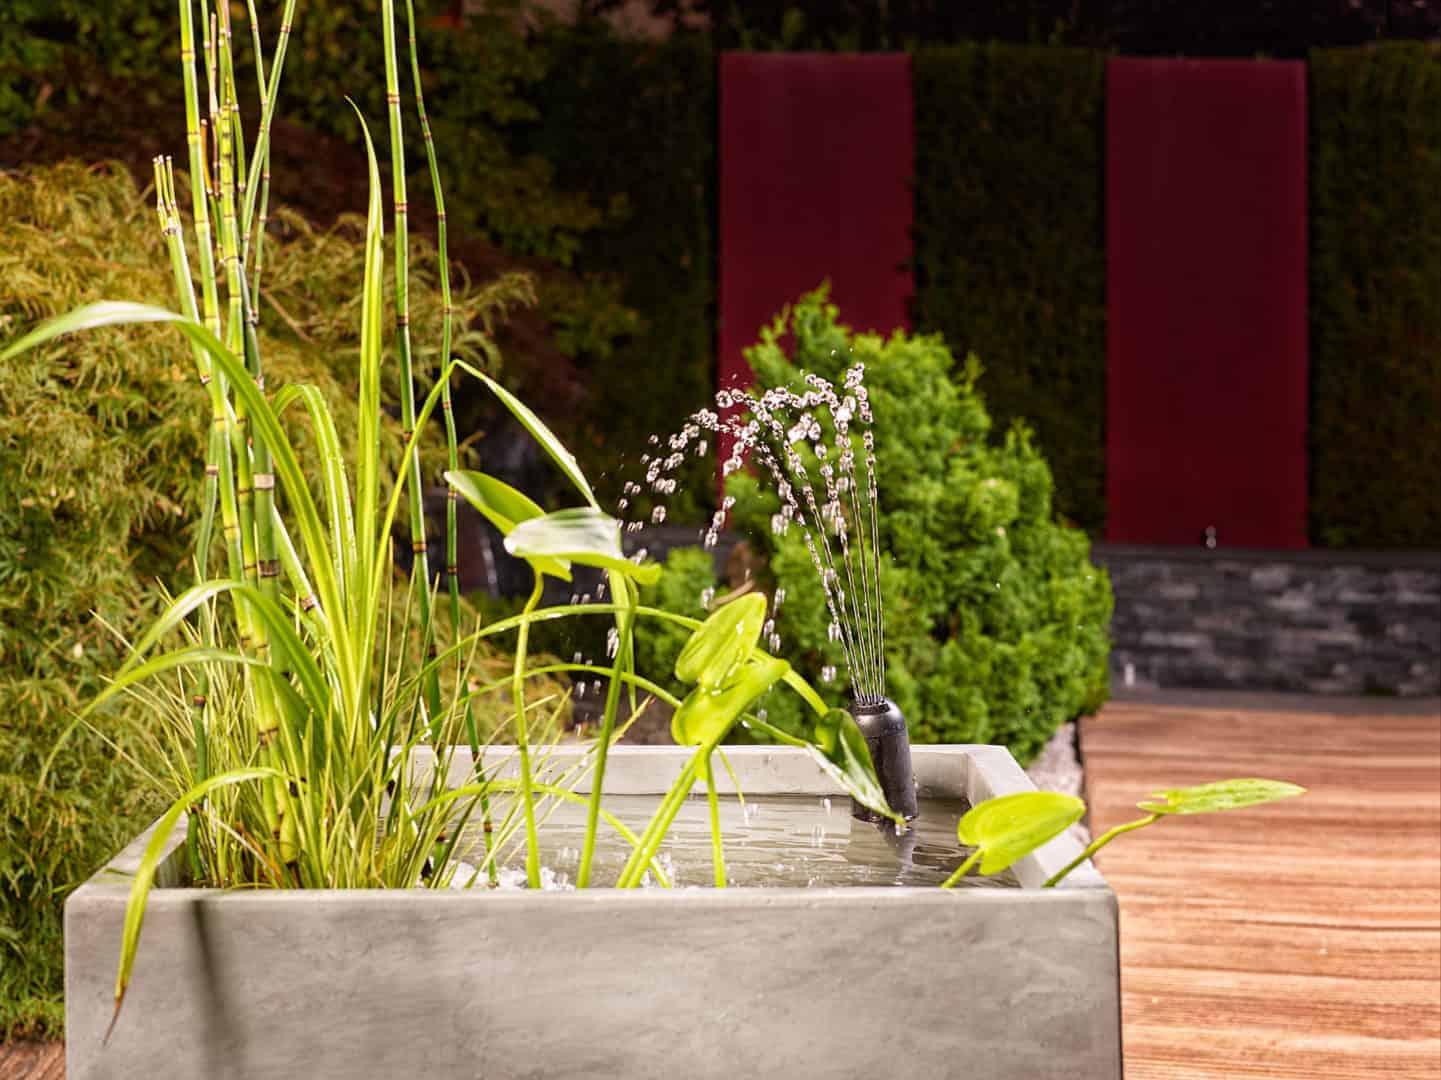 294: Der Fischteich als Gartenteich - Eine Oase im Garten (Harro Hieronimus) 4